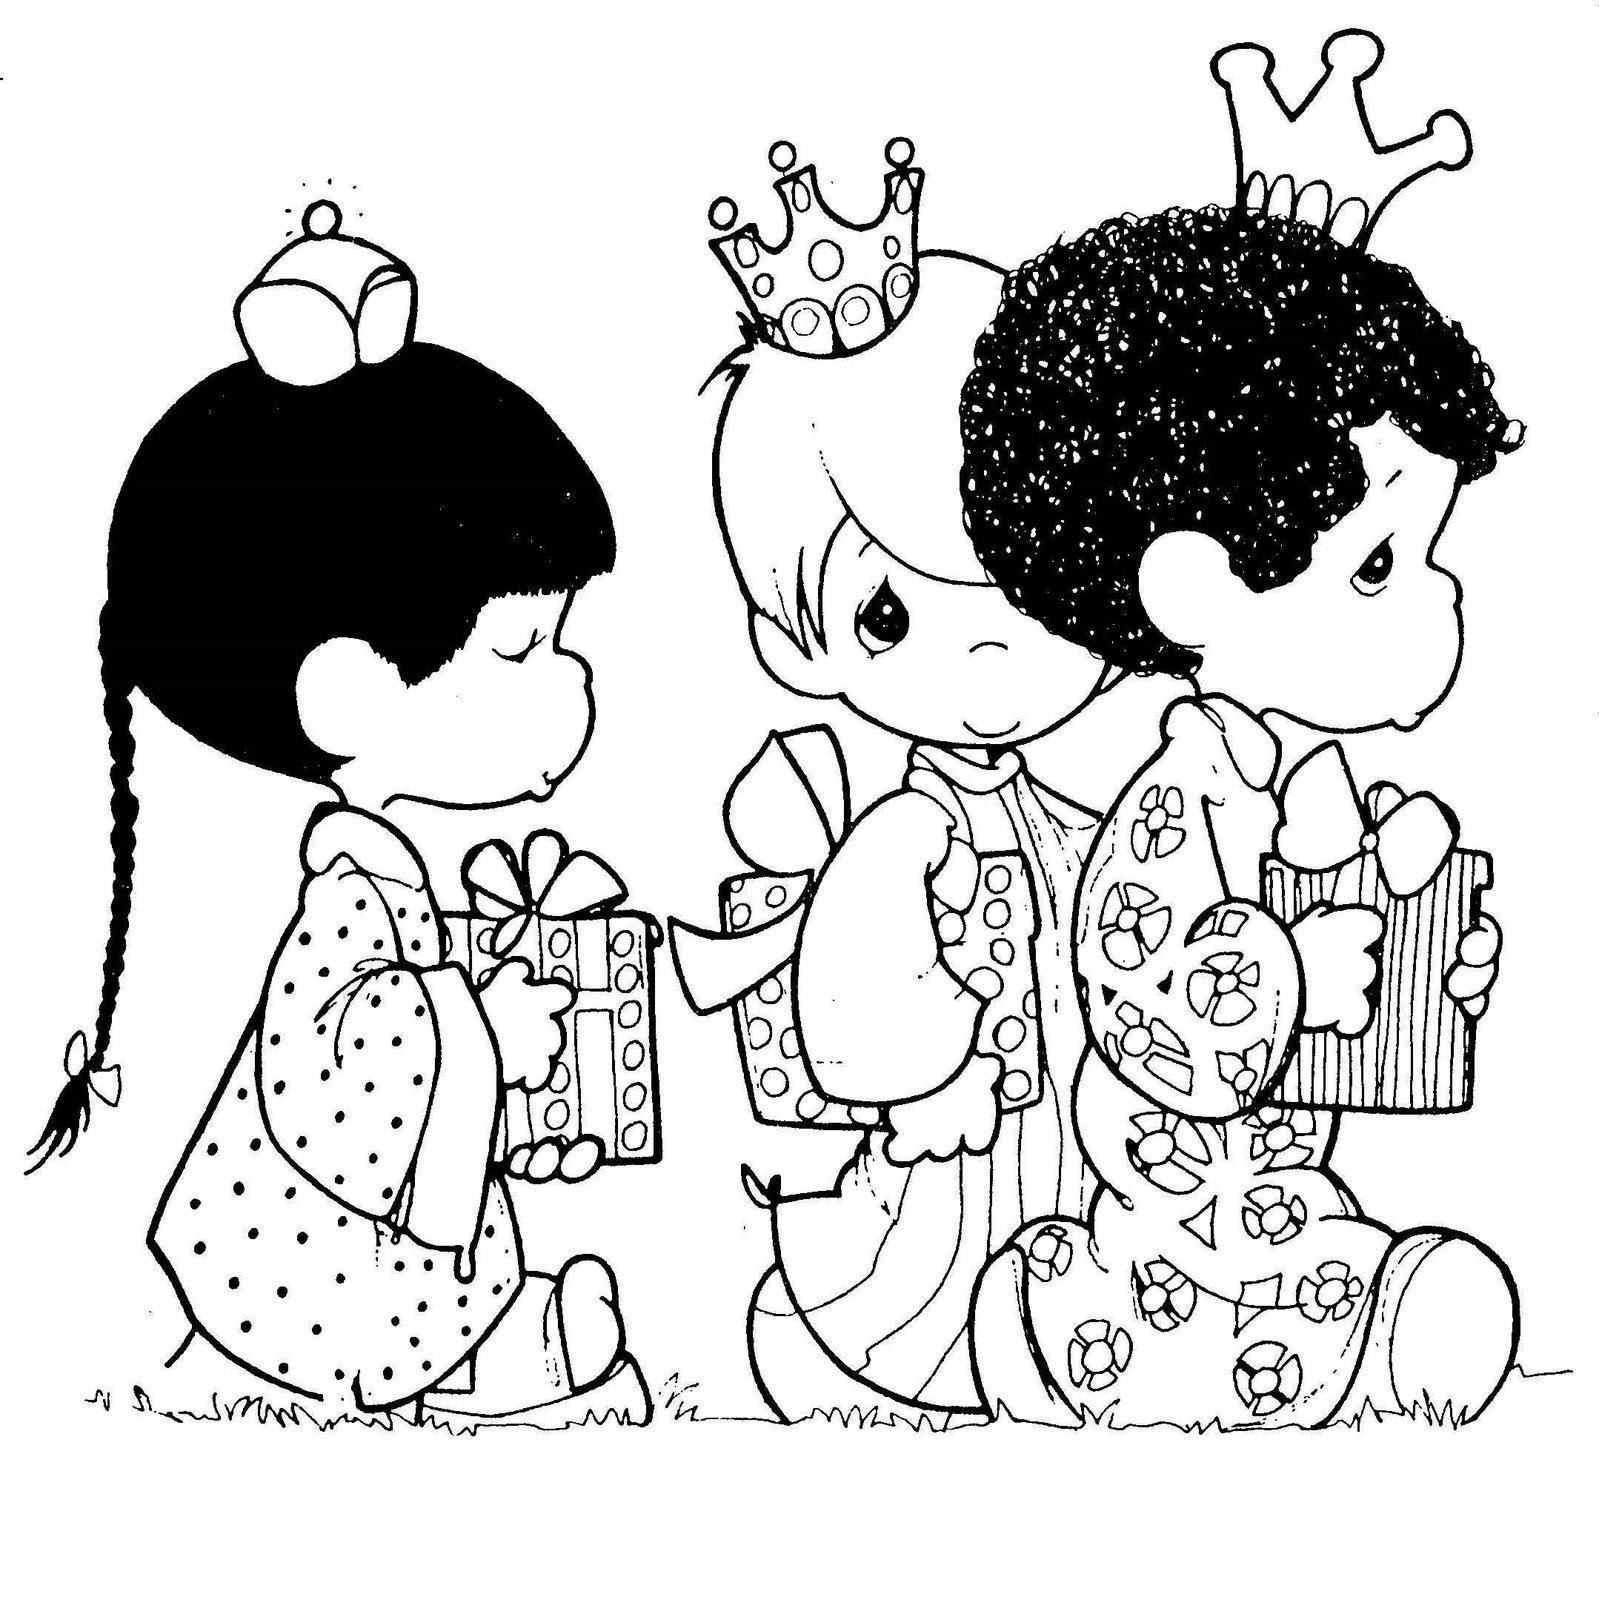 imagenes de regalos de navidad para colorear